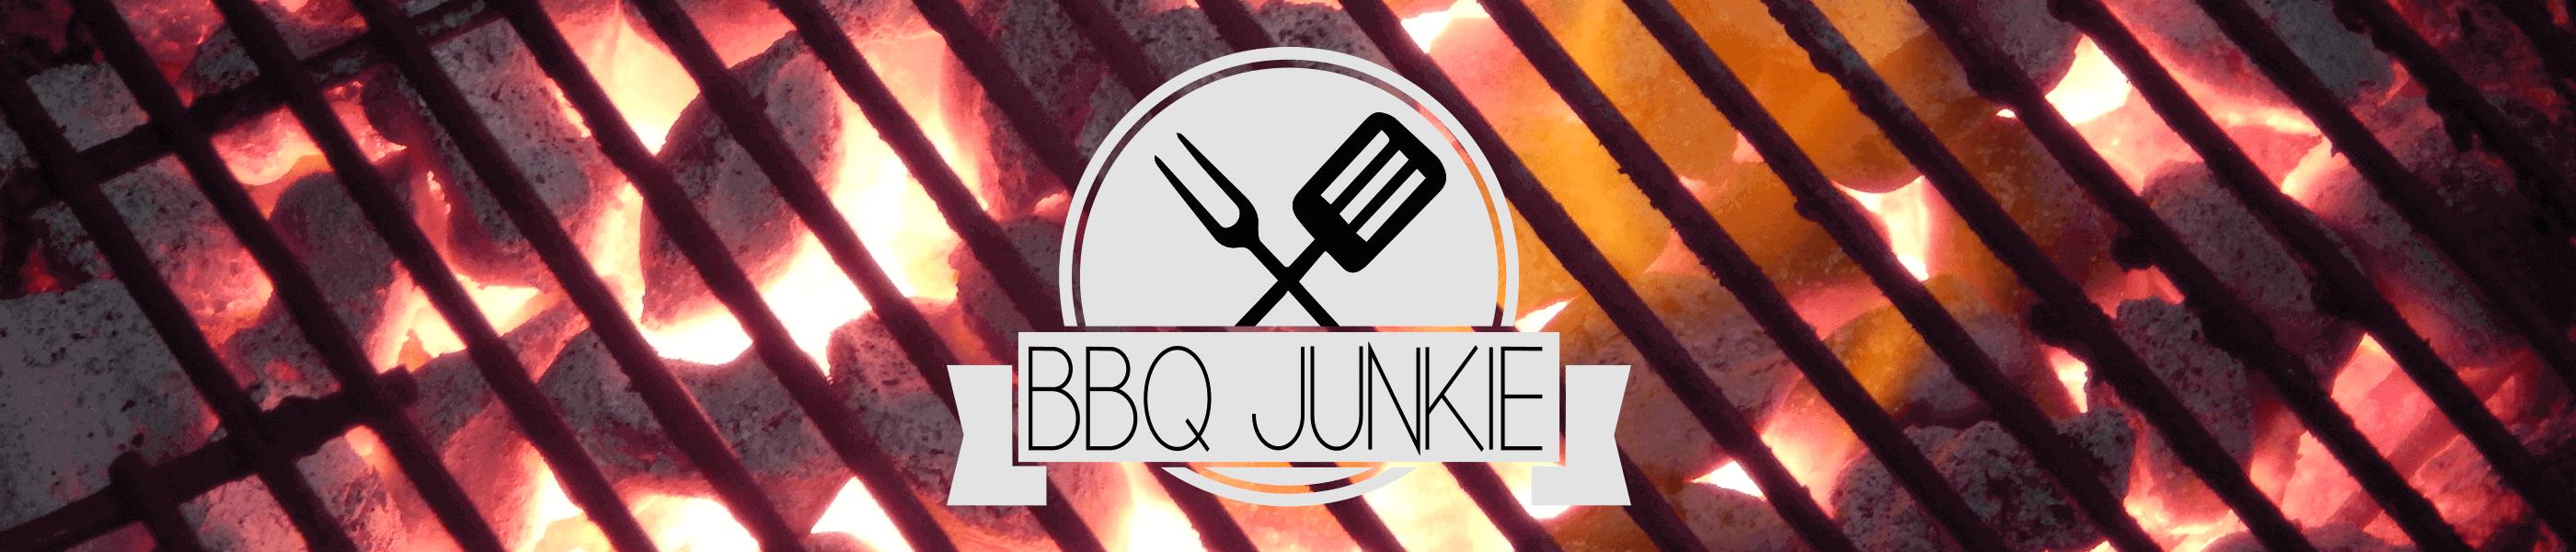 bbq-junkie